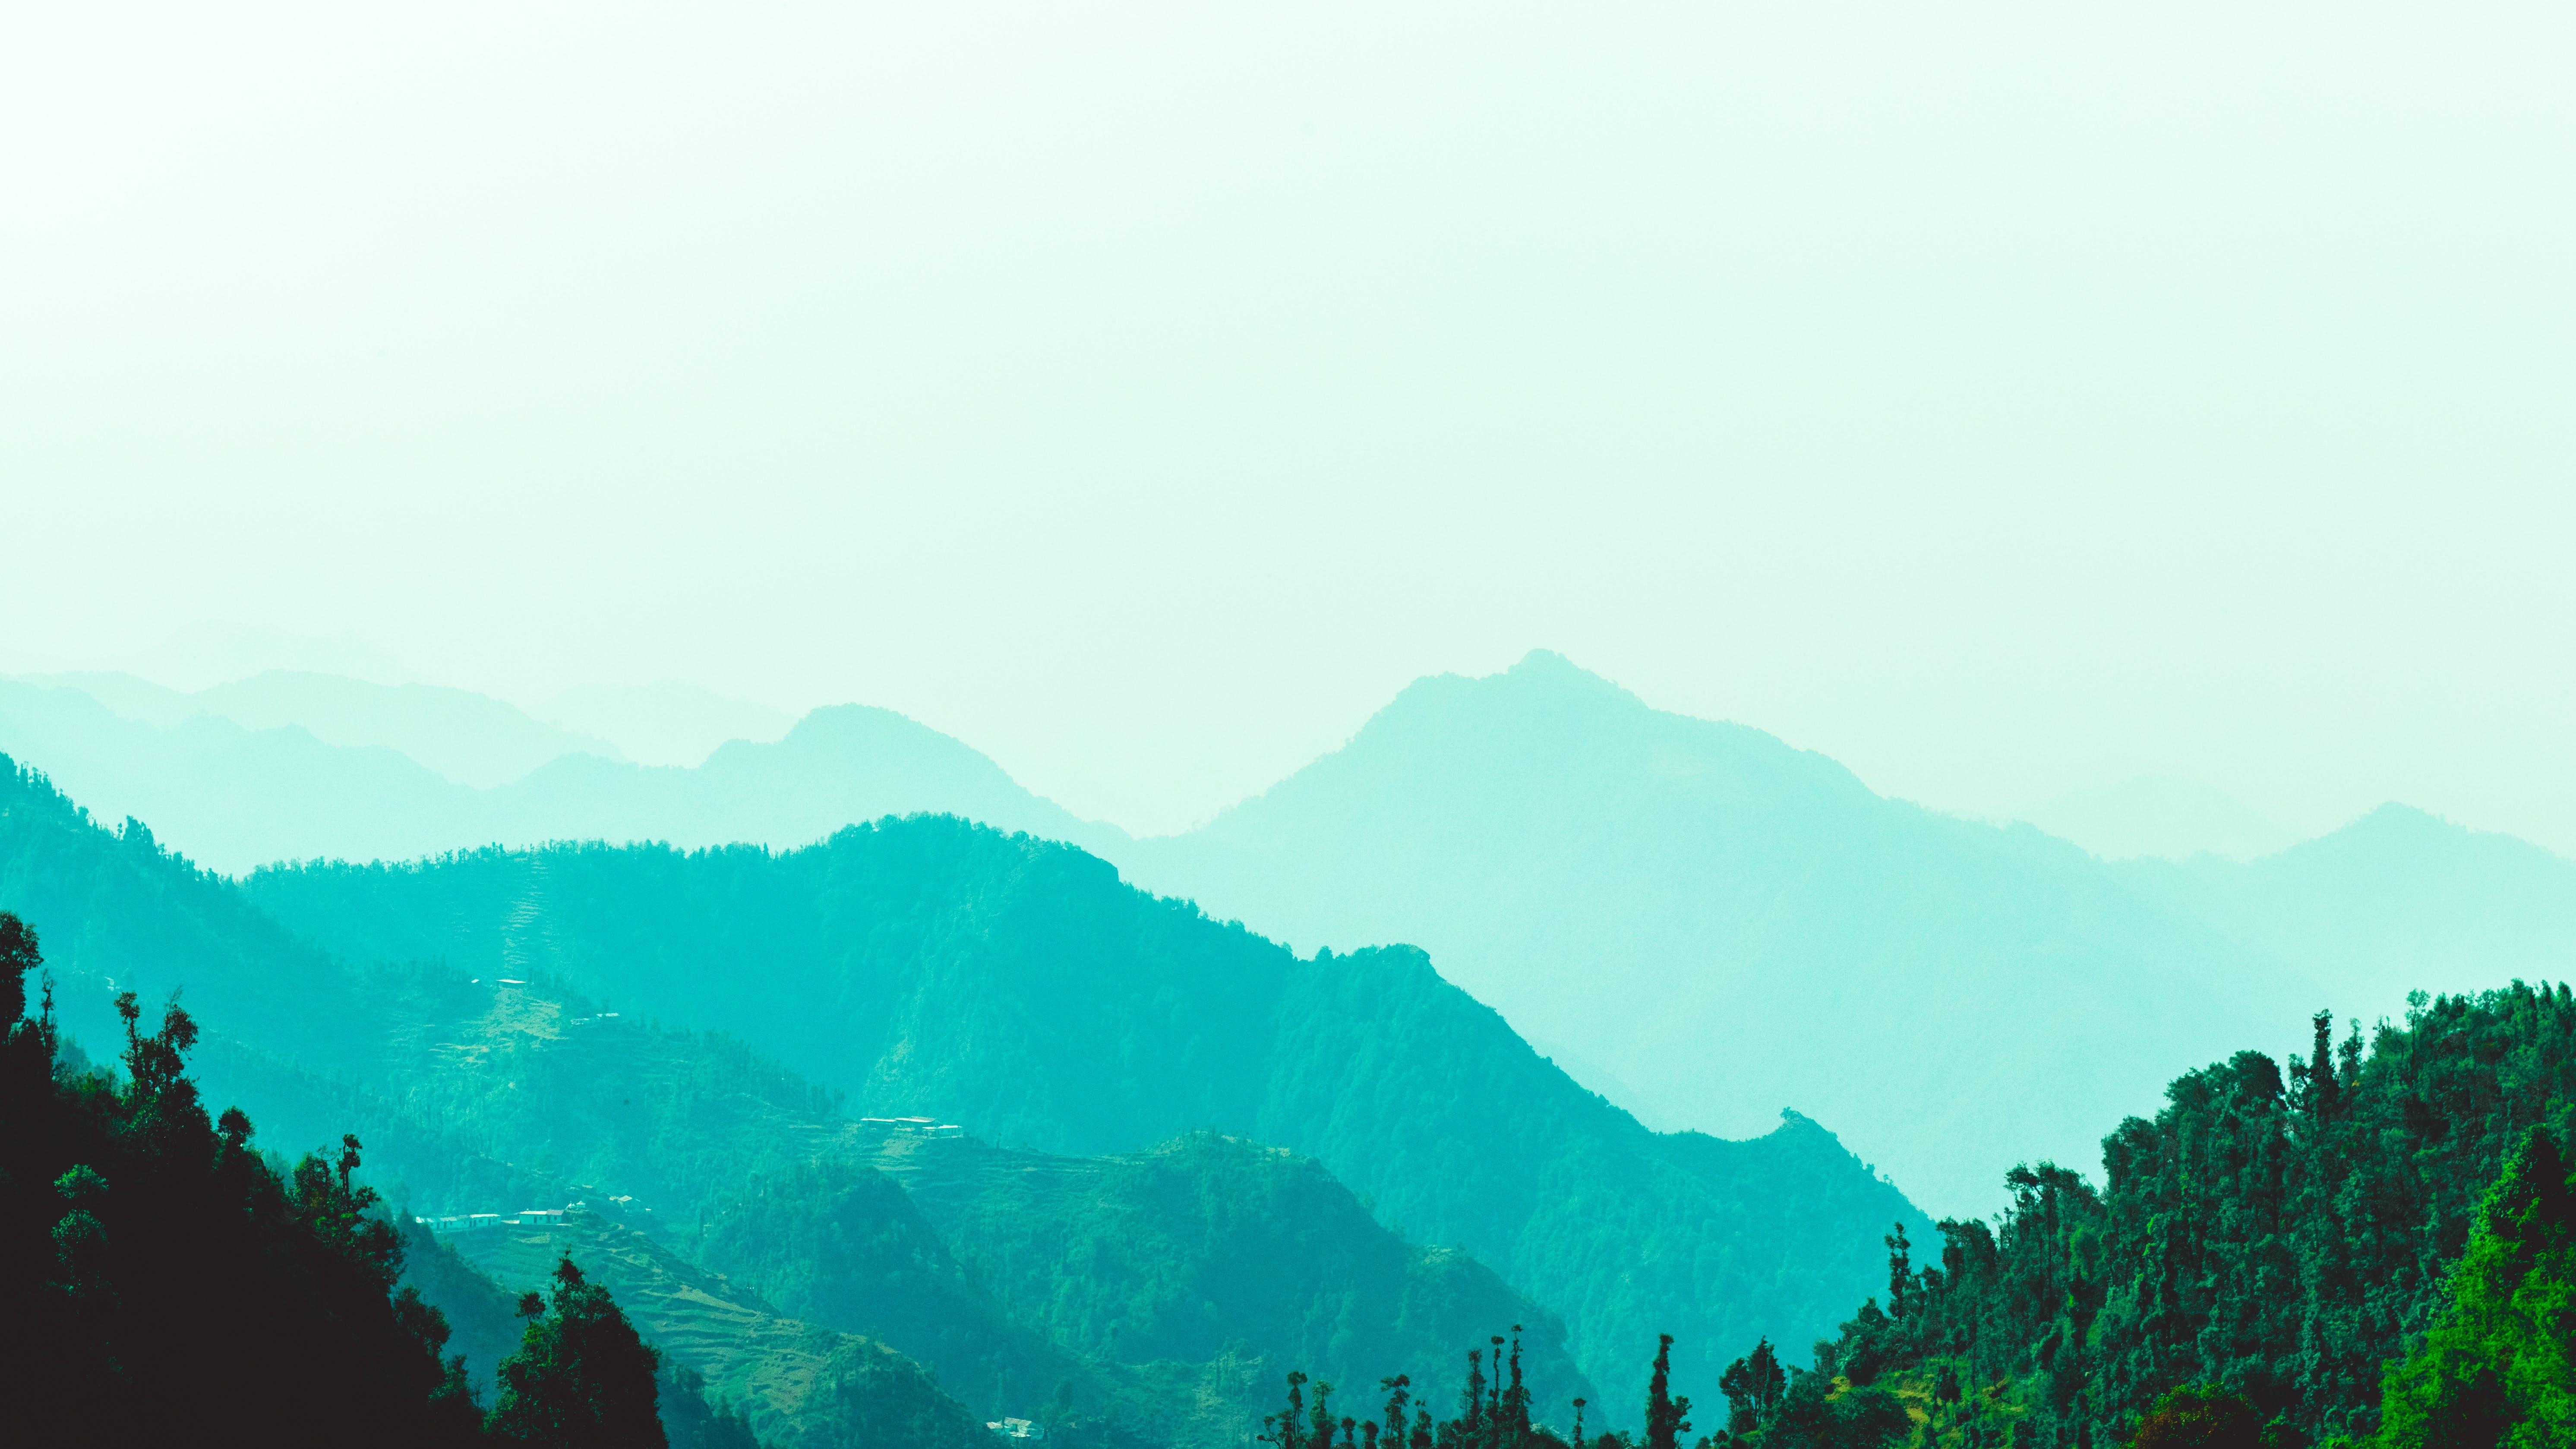 자연의 아름다움, 푸른 산의 무료 스톡 사진